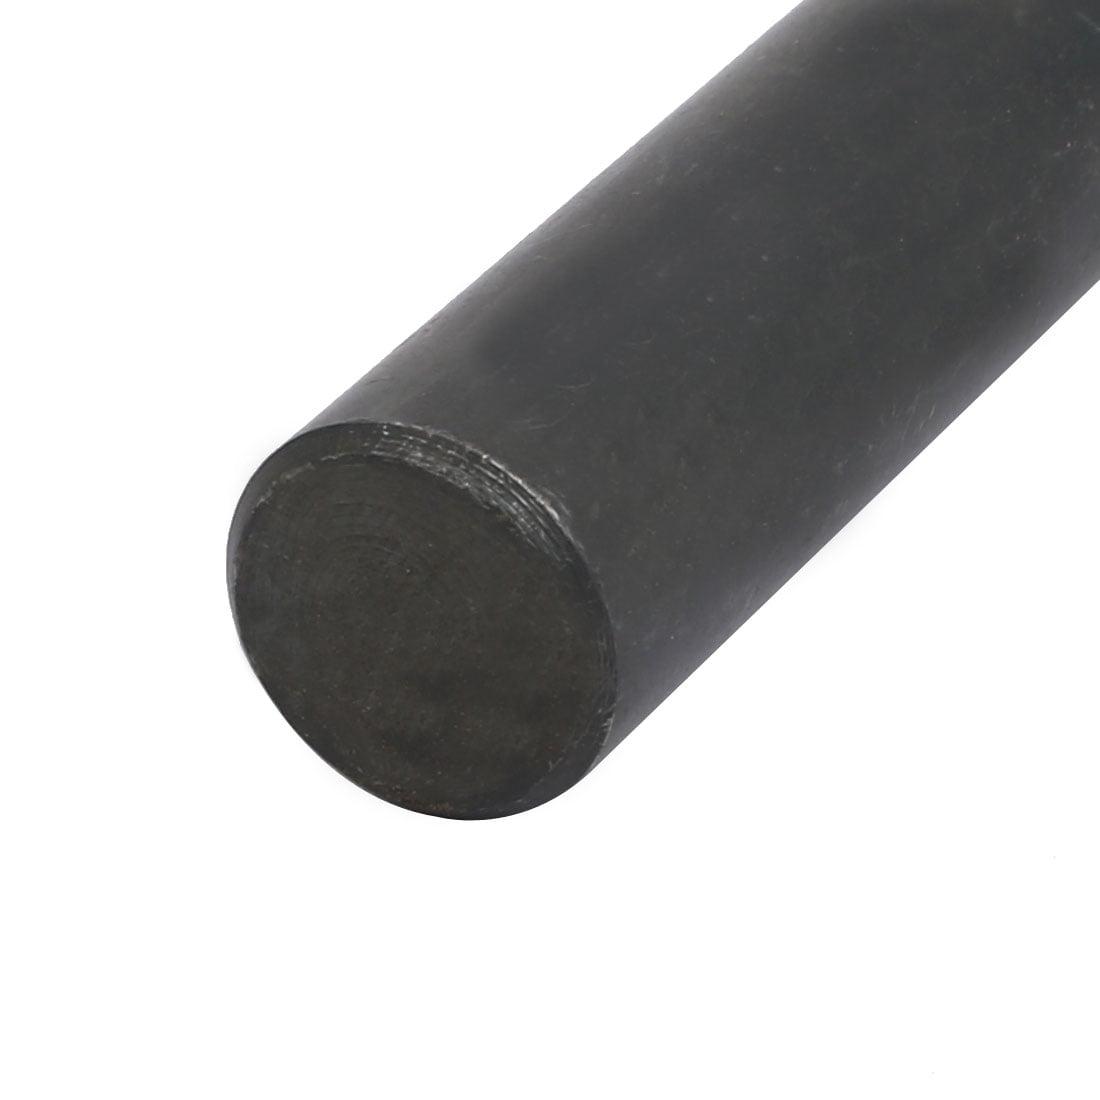 16.5mm Dia HSS 2-Flute Straight Shank Twist Drill Bit Drilling Tool Black - image 1 of 3